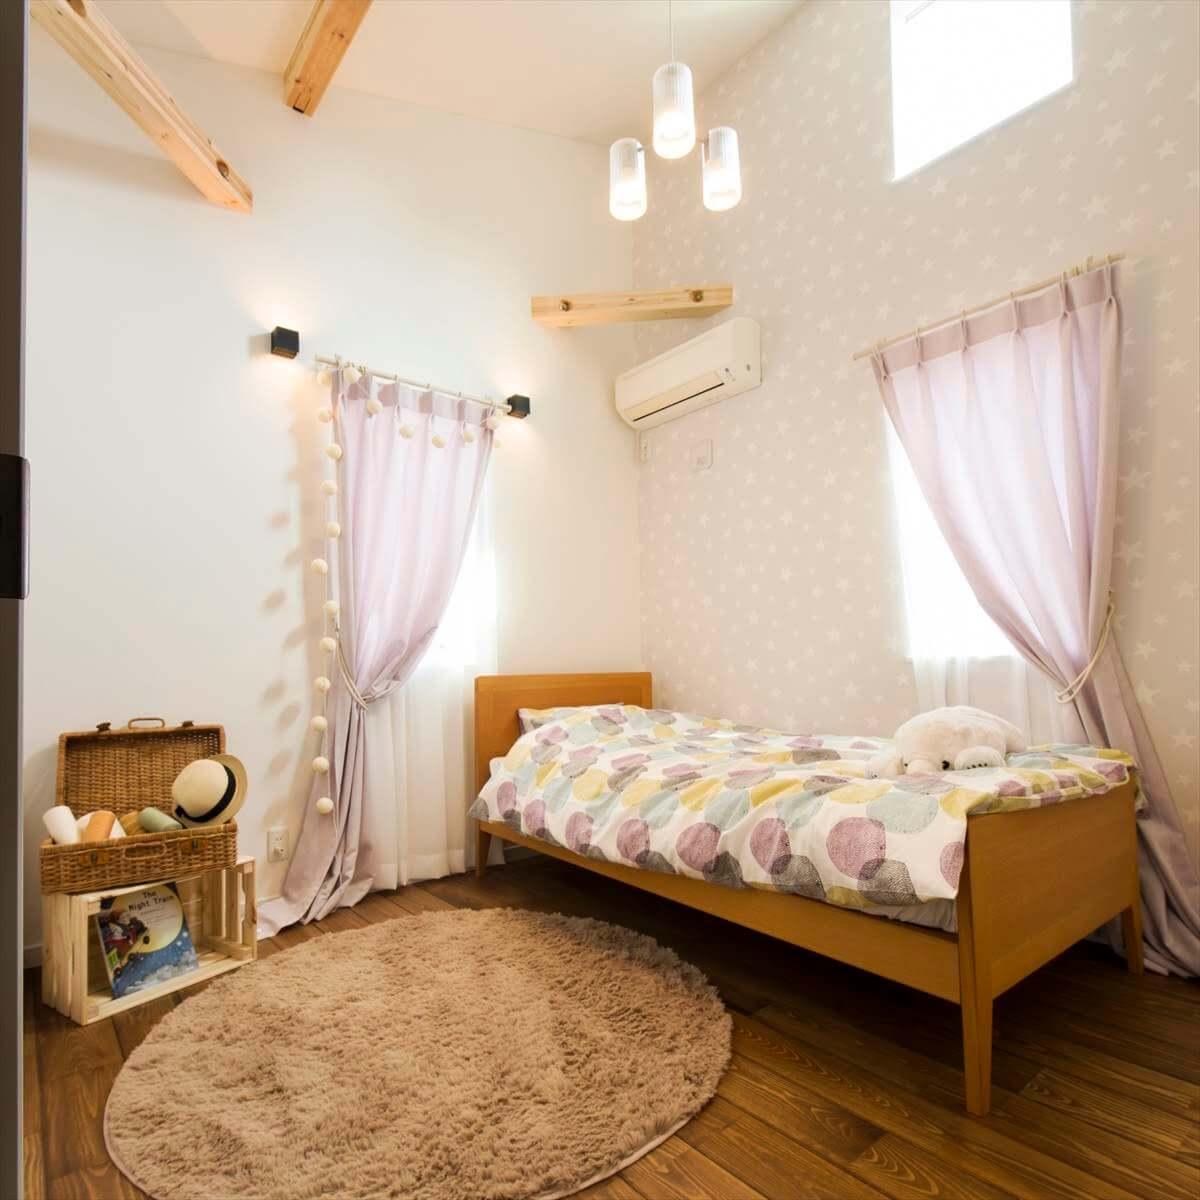 |安水建設|愛知県三河エリアの木造注文住宅・リフォームインテリアで変わるお部屋の雰囲気